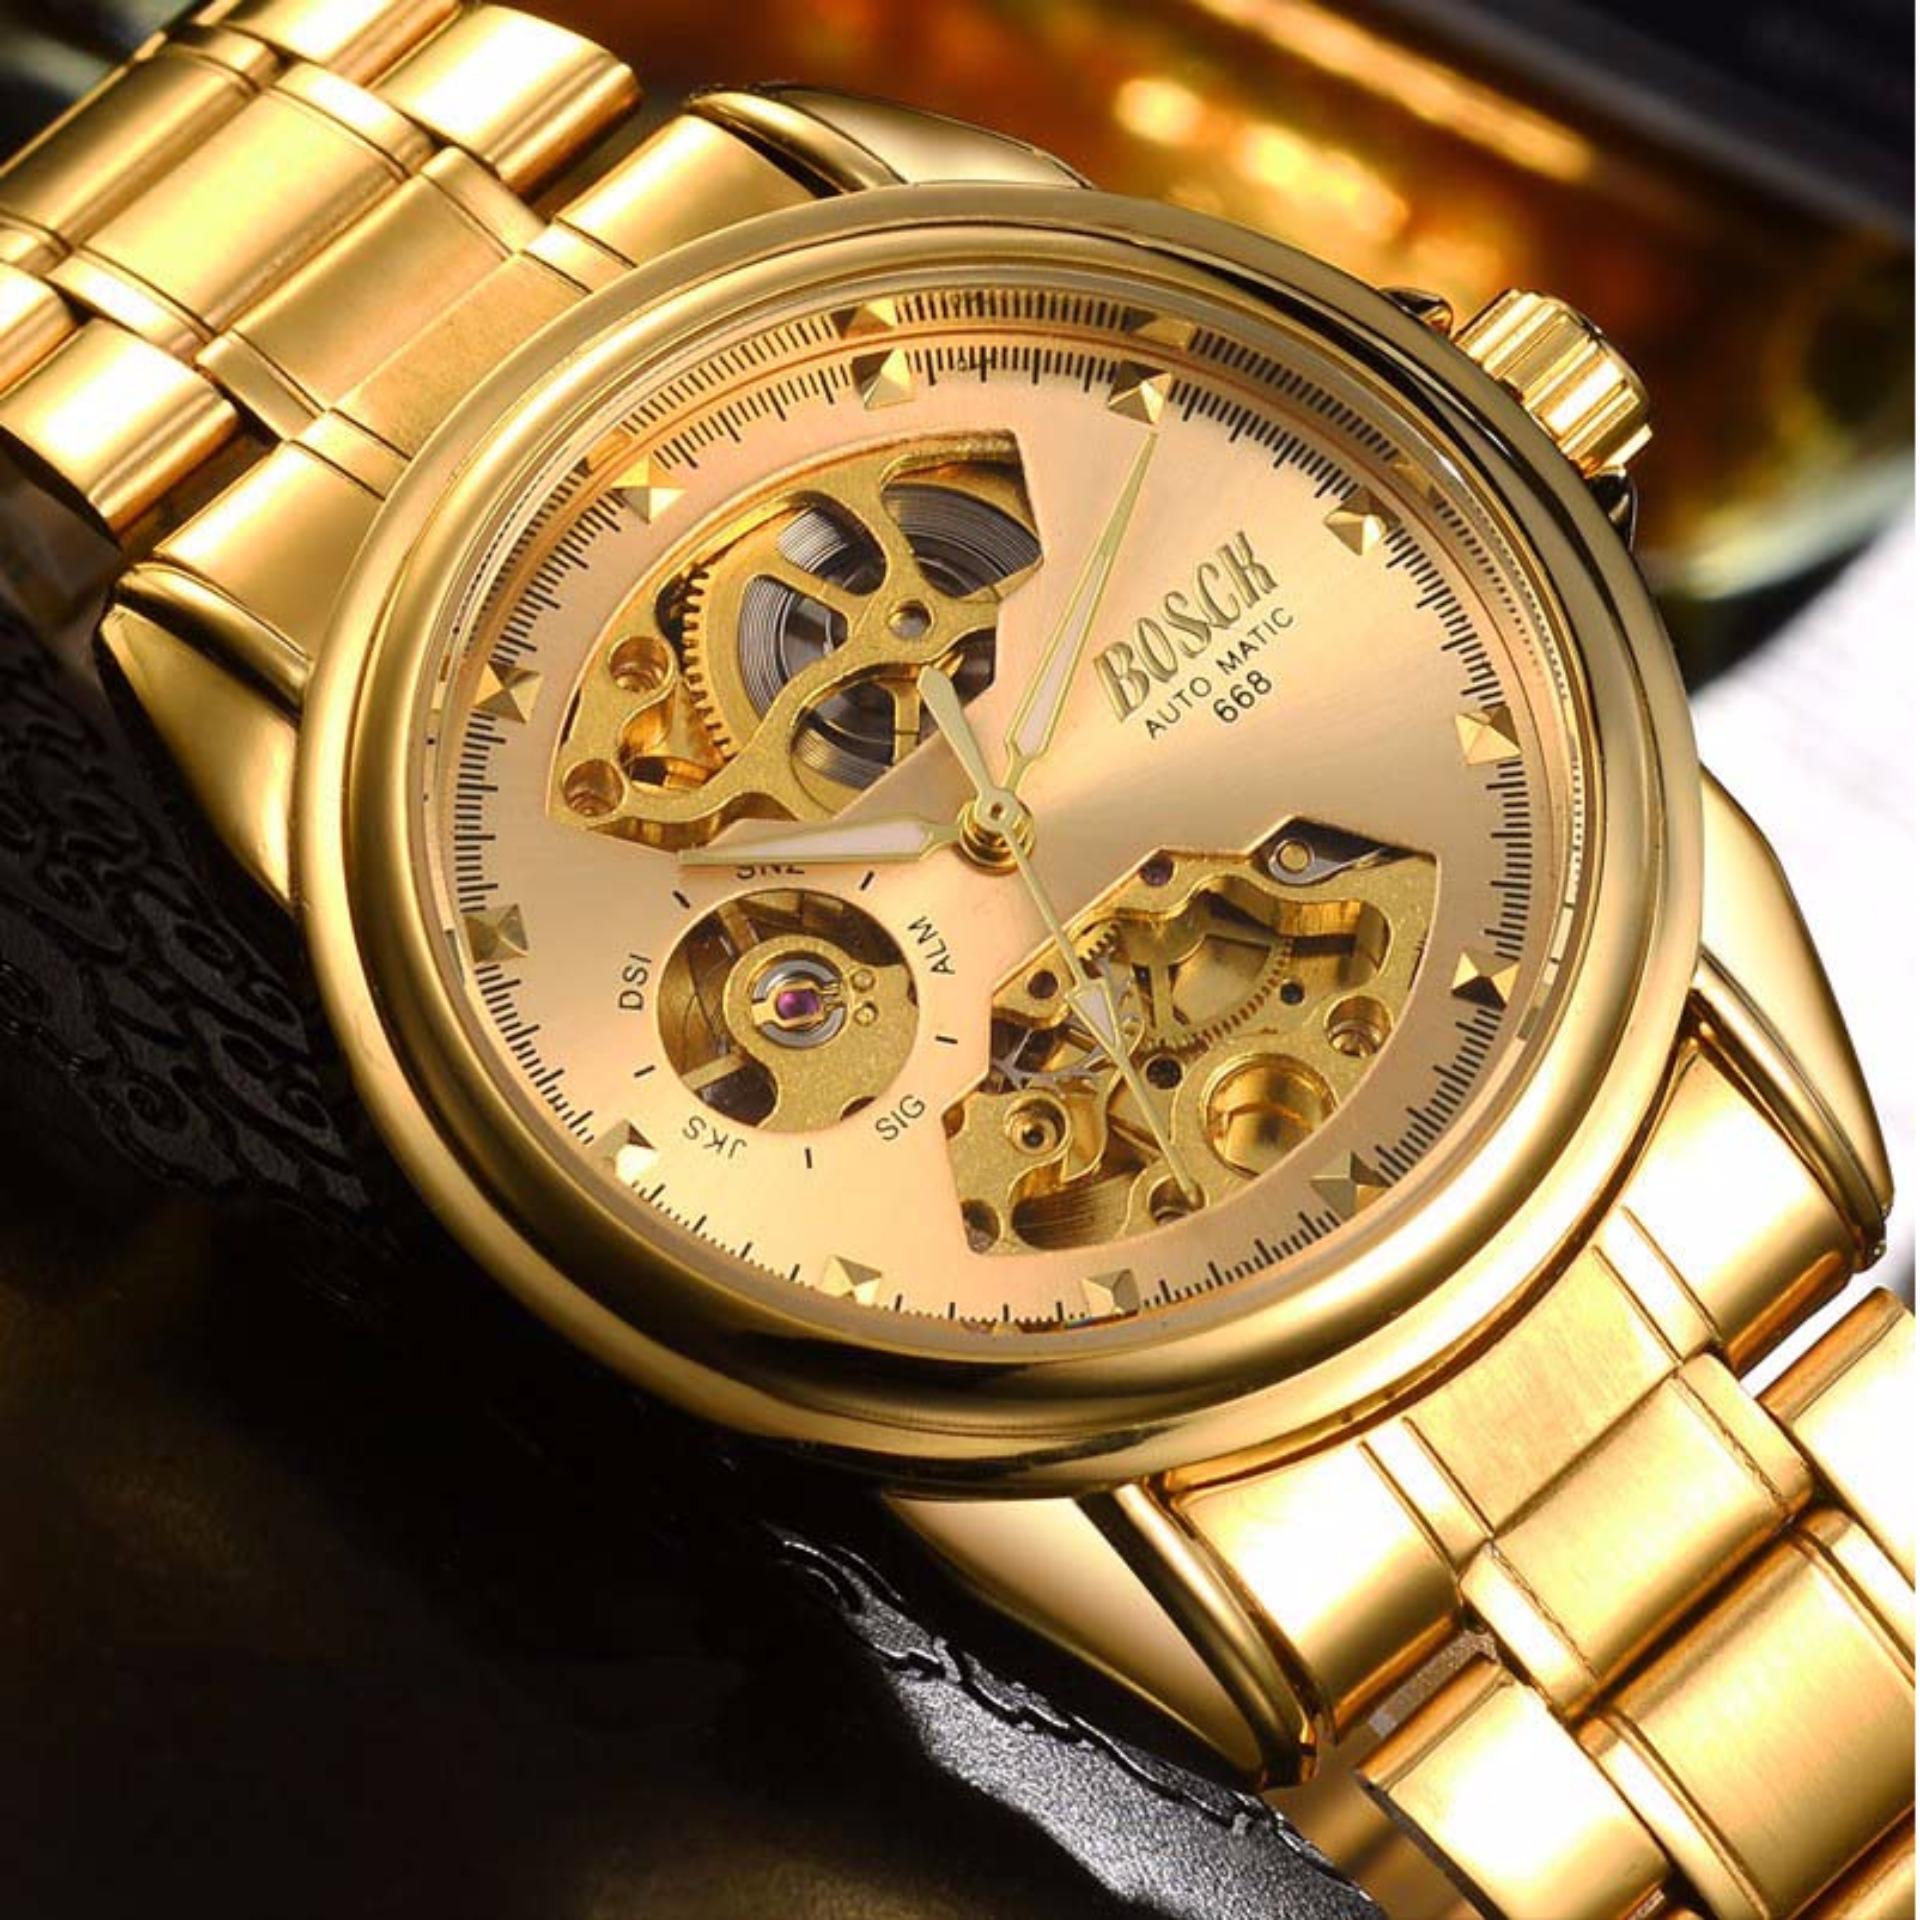 Đồng hồ nam Bosck 668 máy cơ automatic (Mặt vàng dây vàng)